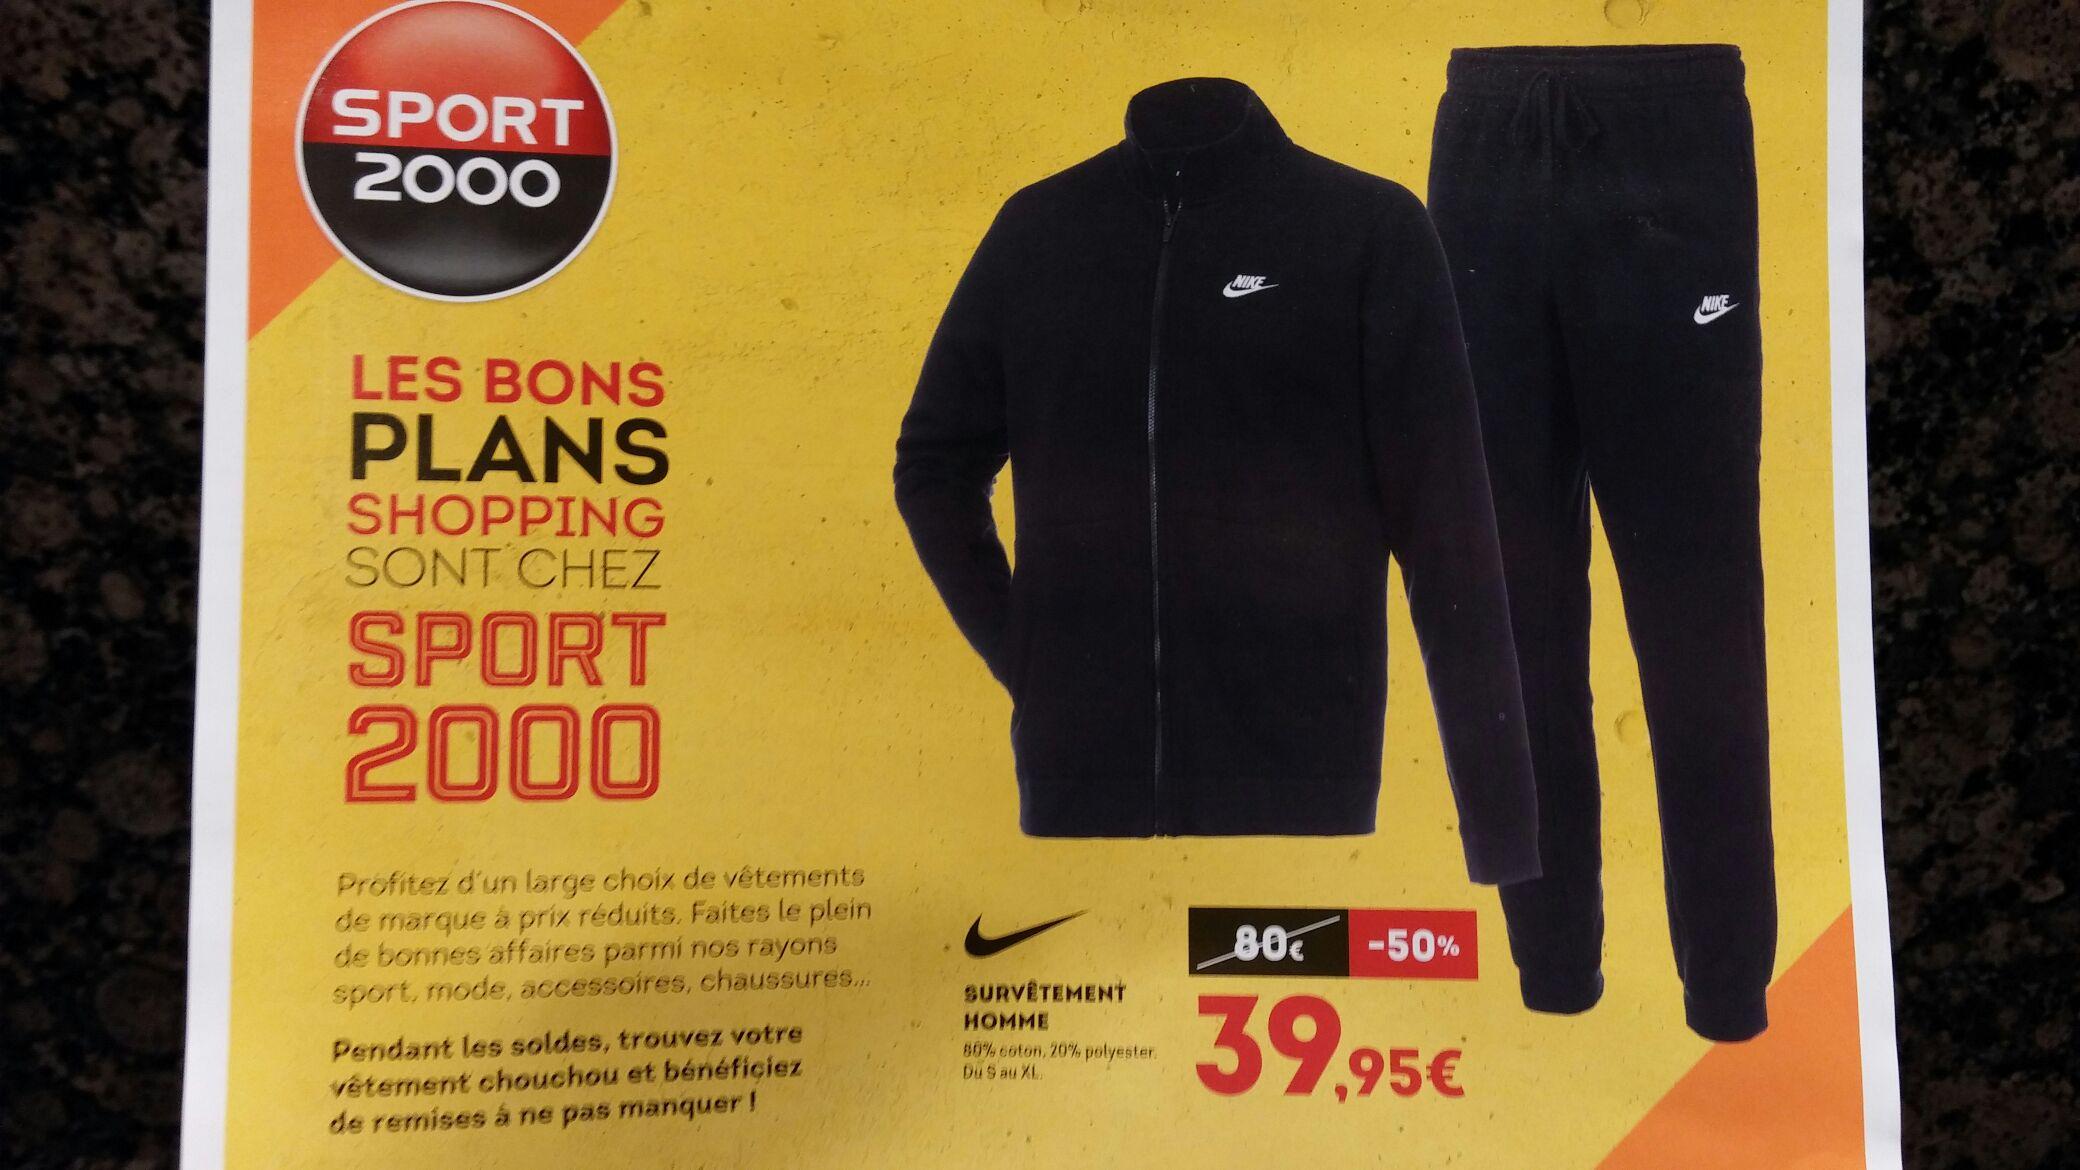 Bons 2000 Plans 2000 Plans Sport Bons Sport 5t1zwvqx